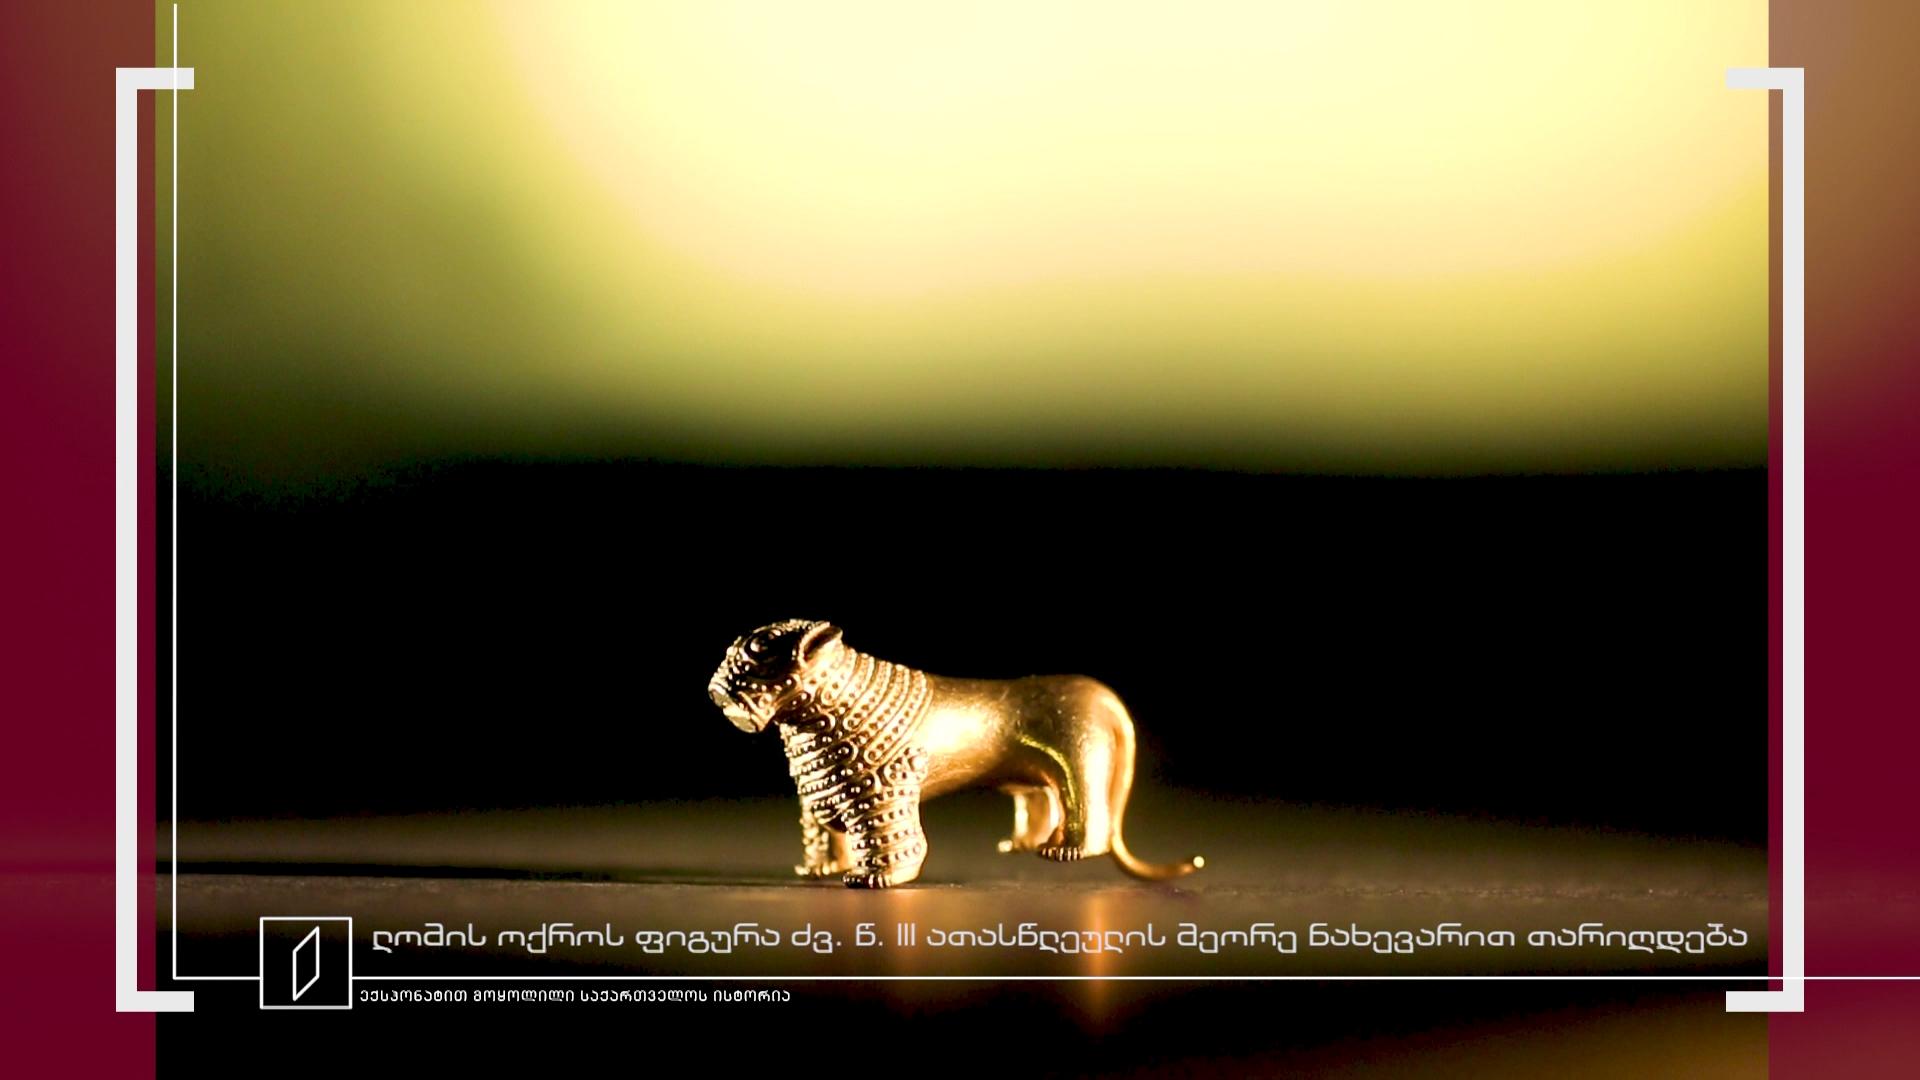 ექსპონატით მოყოლილი საქართველოს ისტორია -ოქროს ლომი